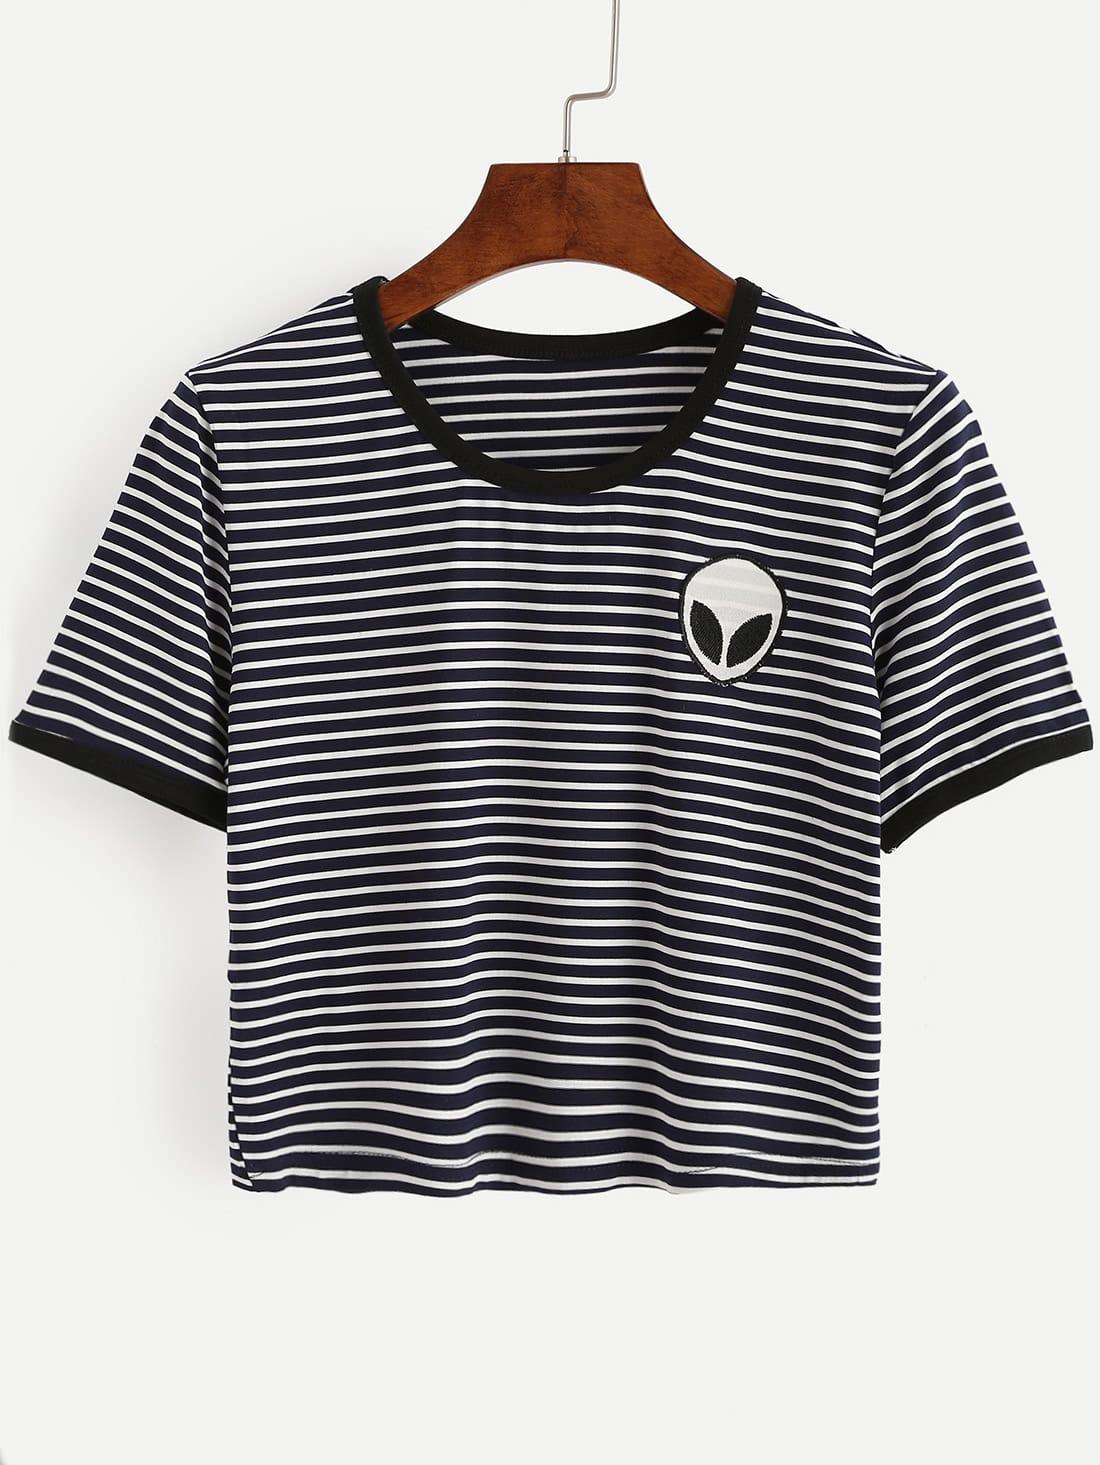 Фото Saucerman Embroidered Contrast Trim T-shirt. Купить с доставкой